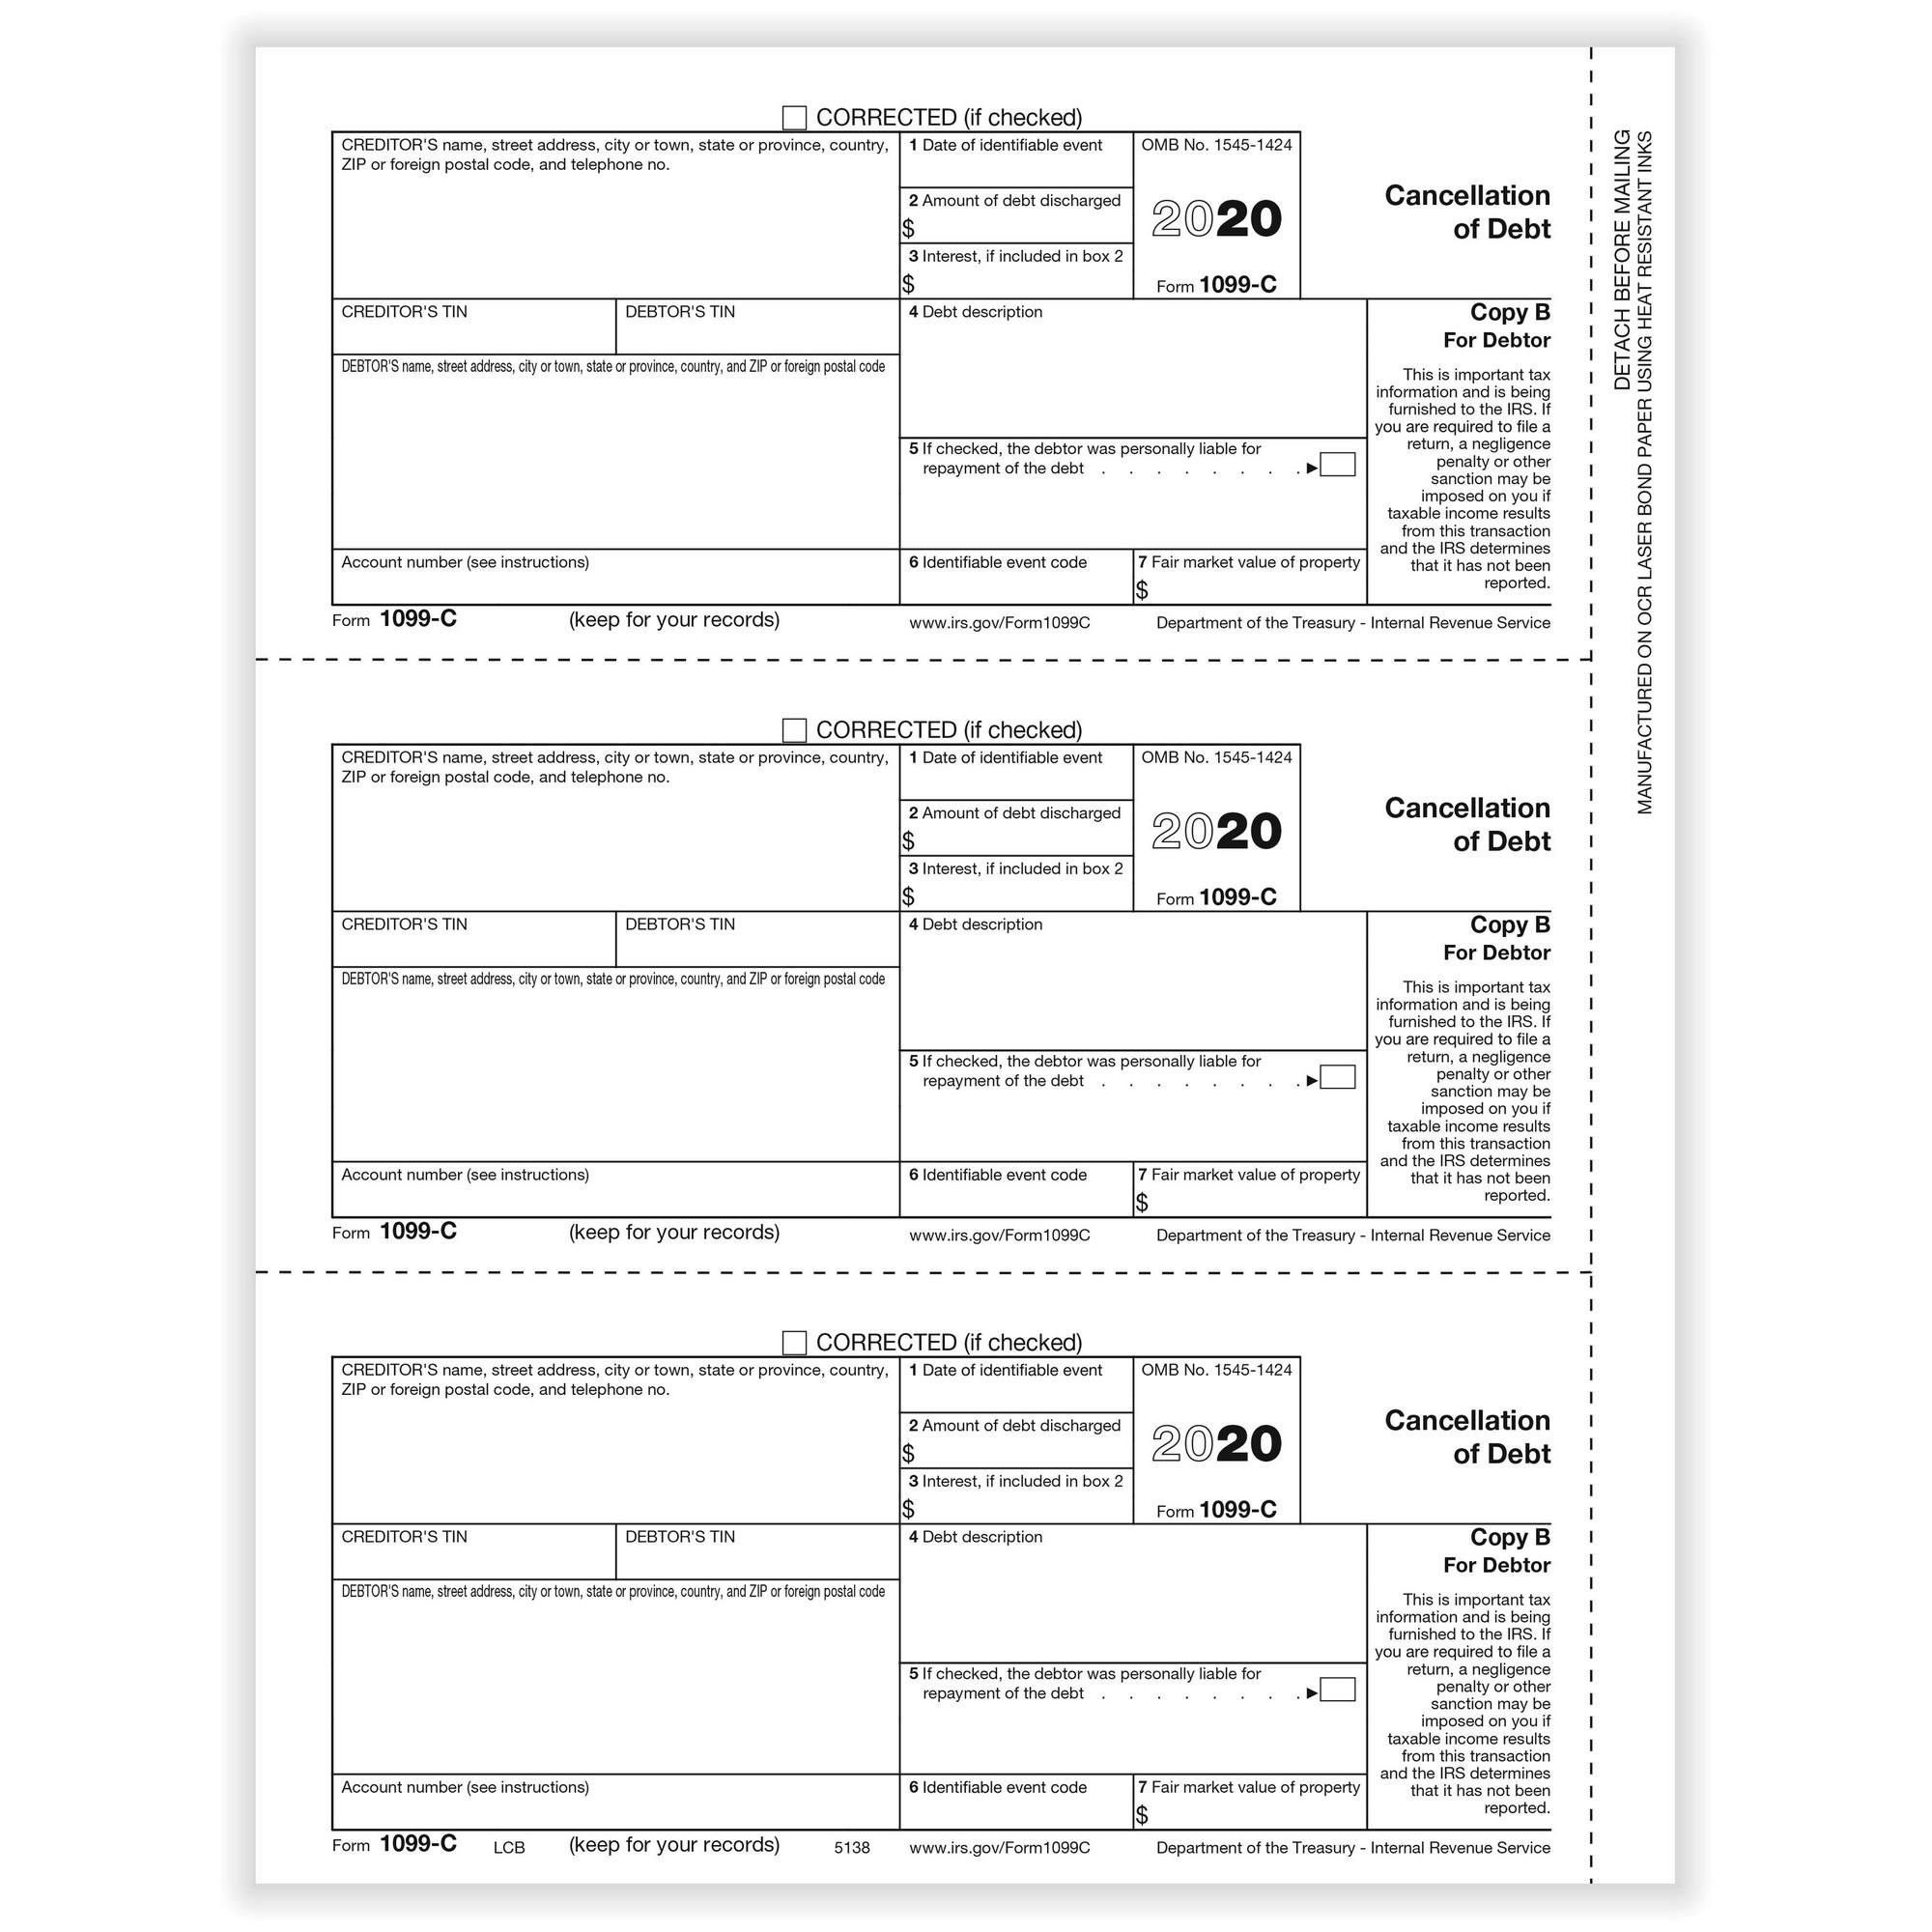 C Cancellation Of Debt Debtor Copy B Cut Sheet 500